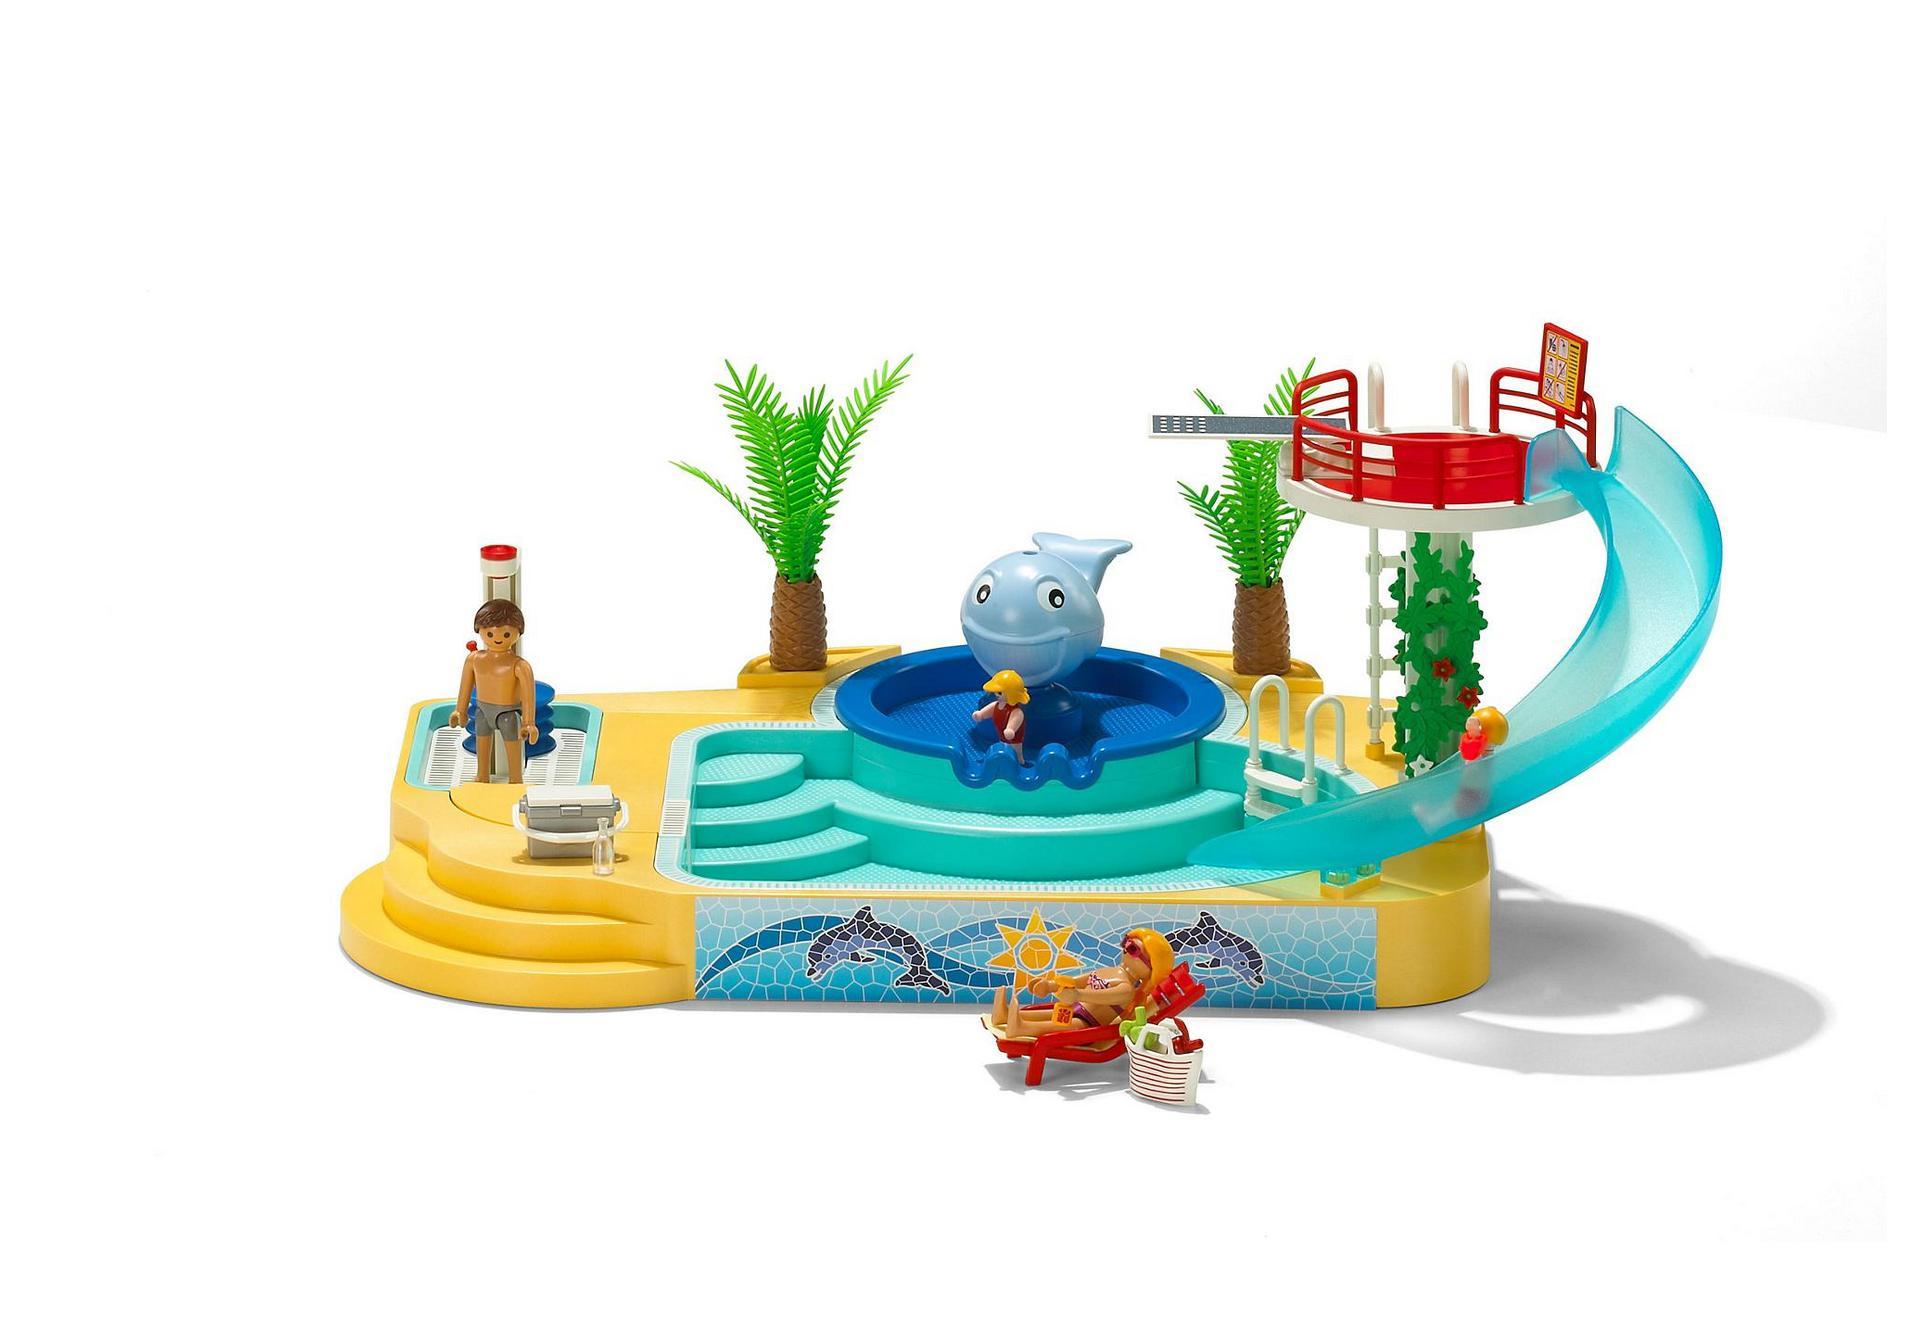 Beau piscine pour b b luxembourg piscine for Playmobil 5433 famille avec piscine et plongeoir